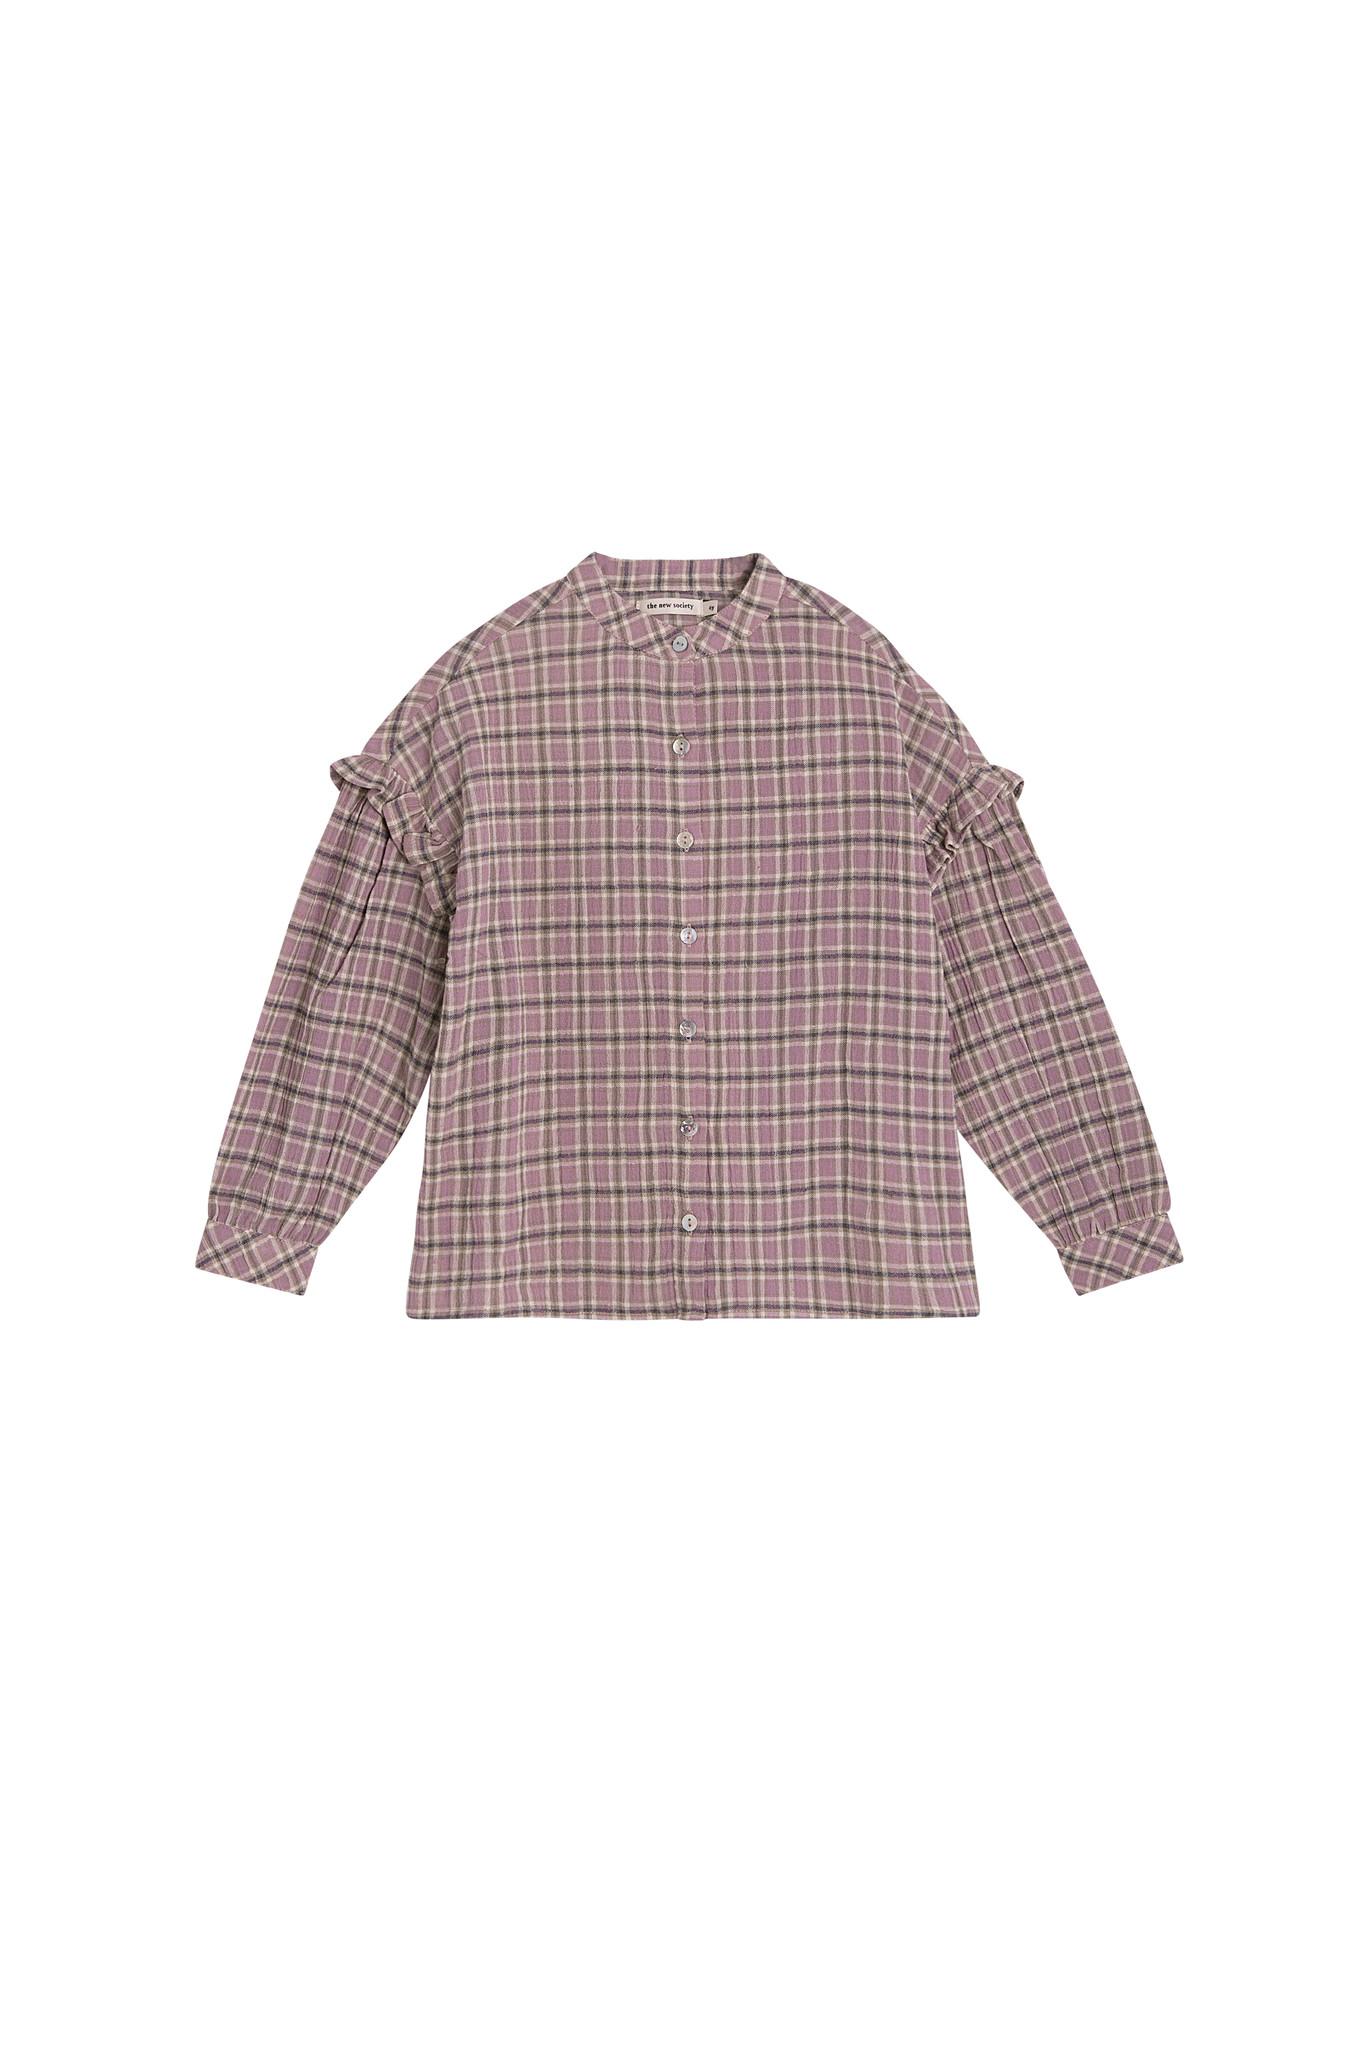 Bella blouse - Check Lavanda-1